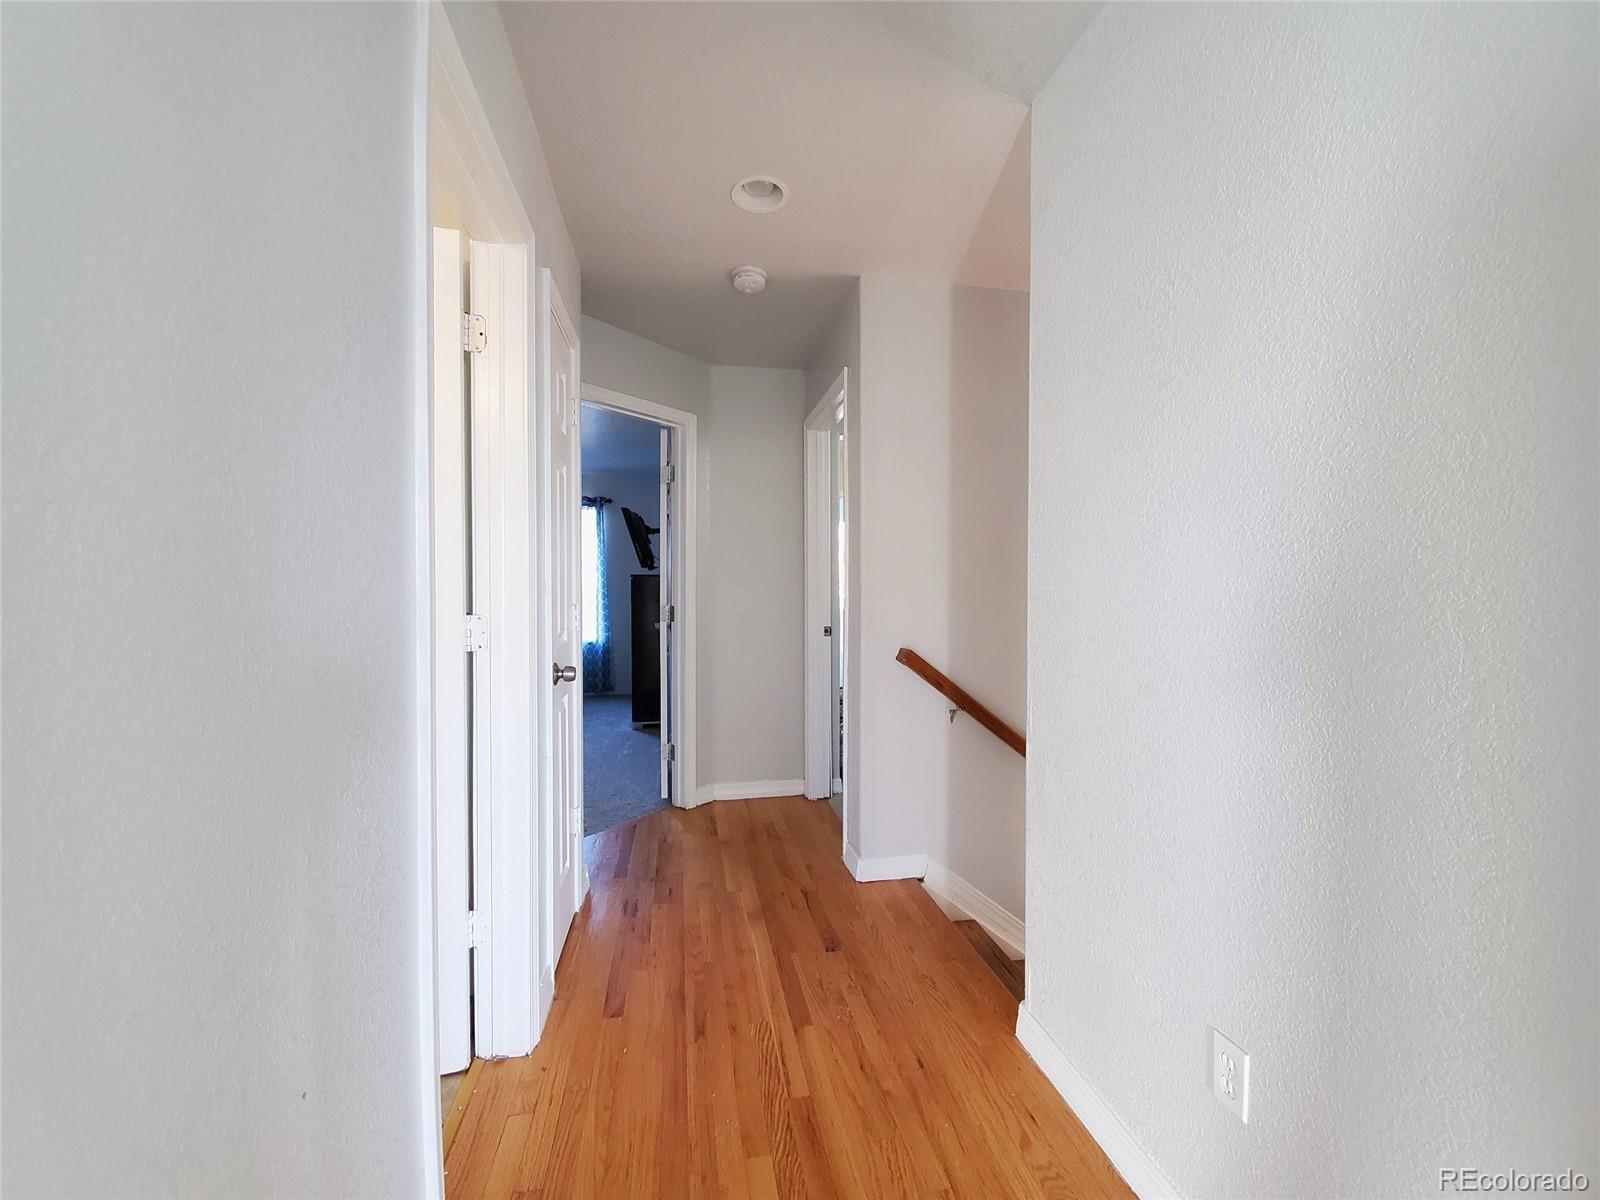 MLS# 5659966 - 12 - 2588 S Halifax Court, Aurora, CO 80013